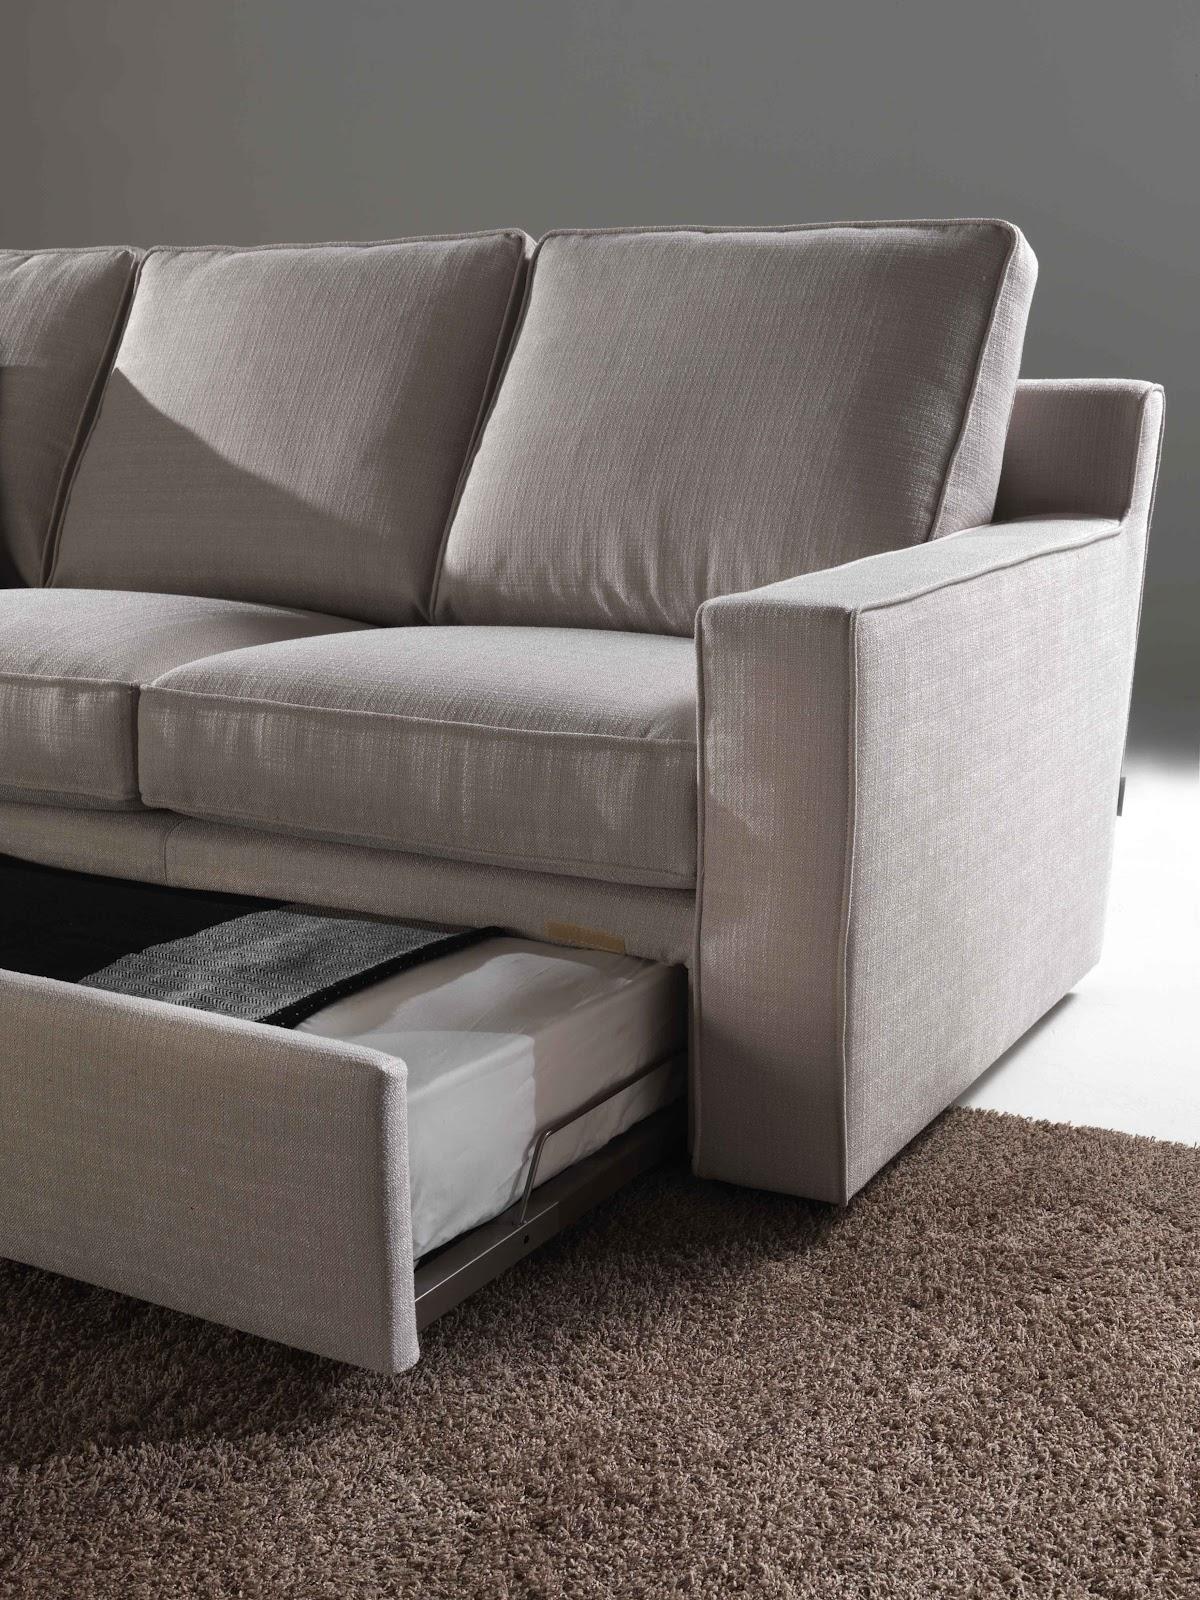 Santambrogio salotti produzione e vendita di divani e letti anche su misura il nuovo divano - Schienale divano letto ...